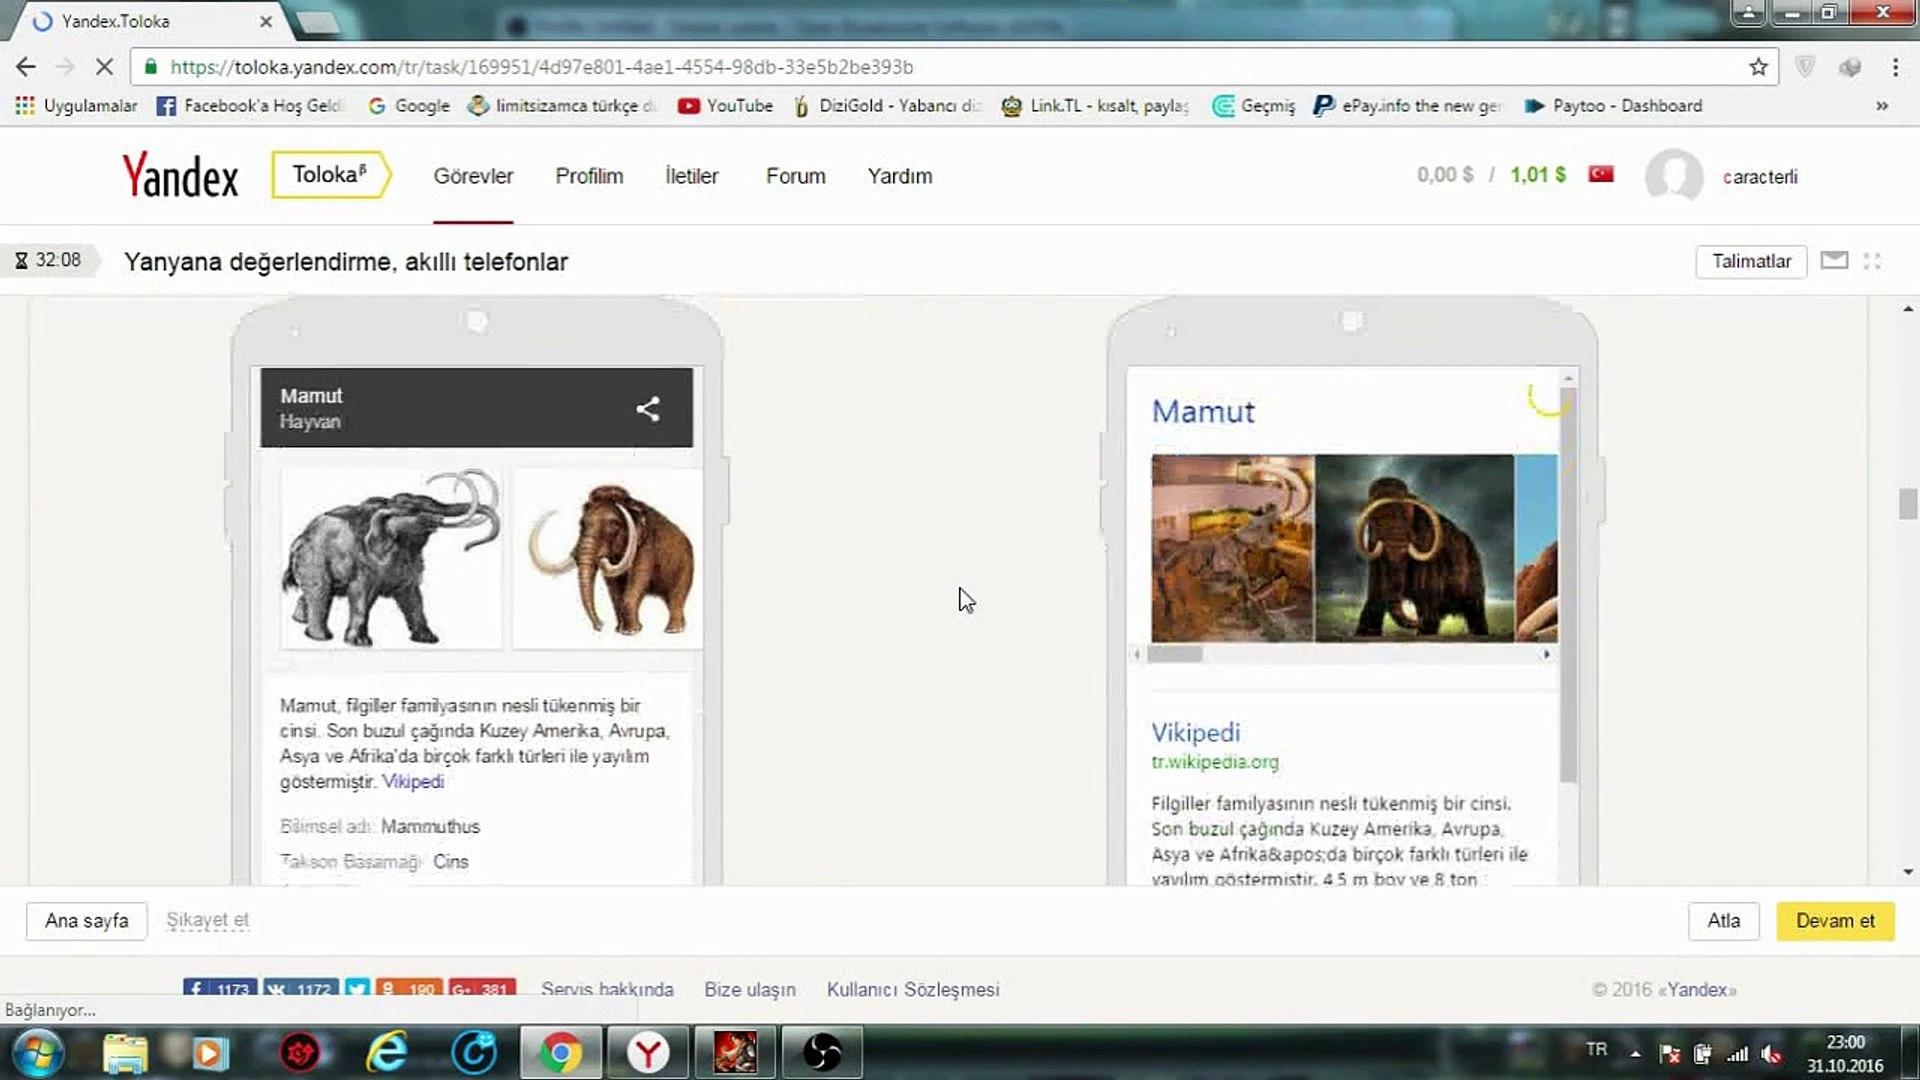 Yandex Toloka İle Günde 15 tl Kazanmak (Ödeme Kanıtlı) İnternetten Para Kazan